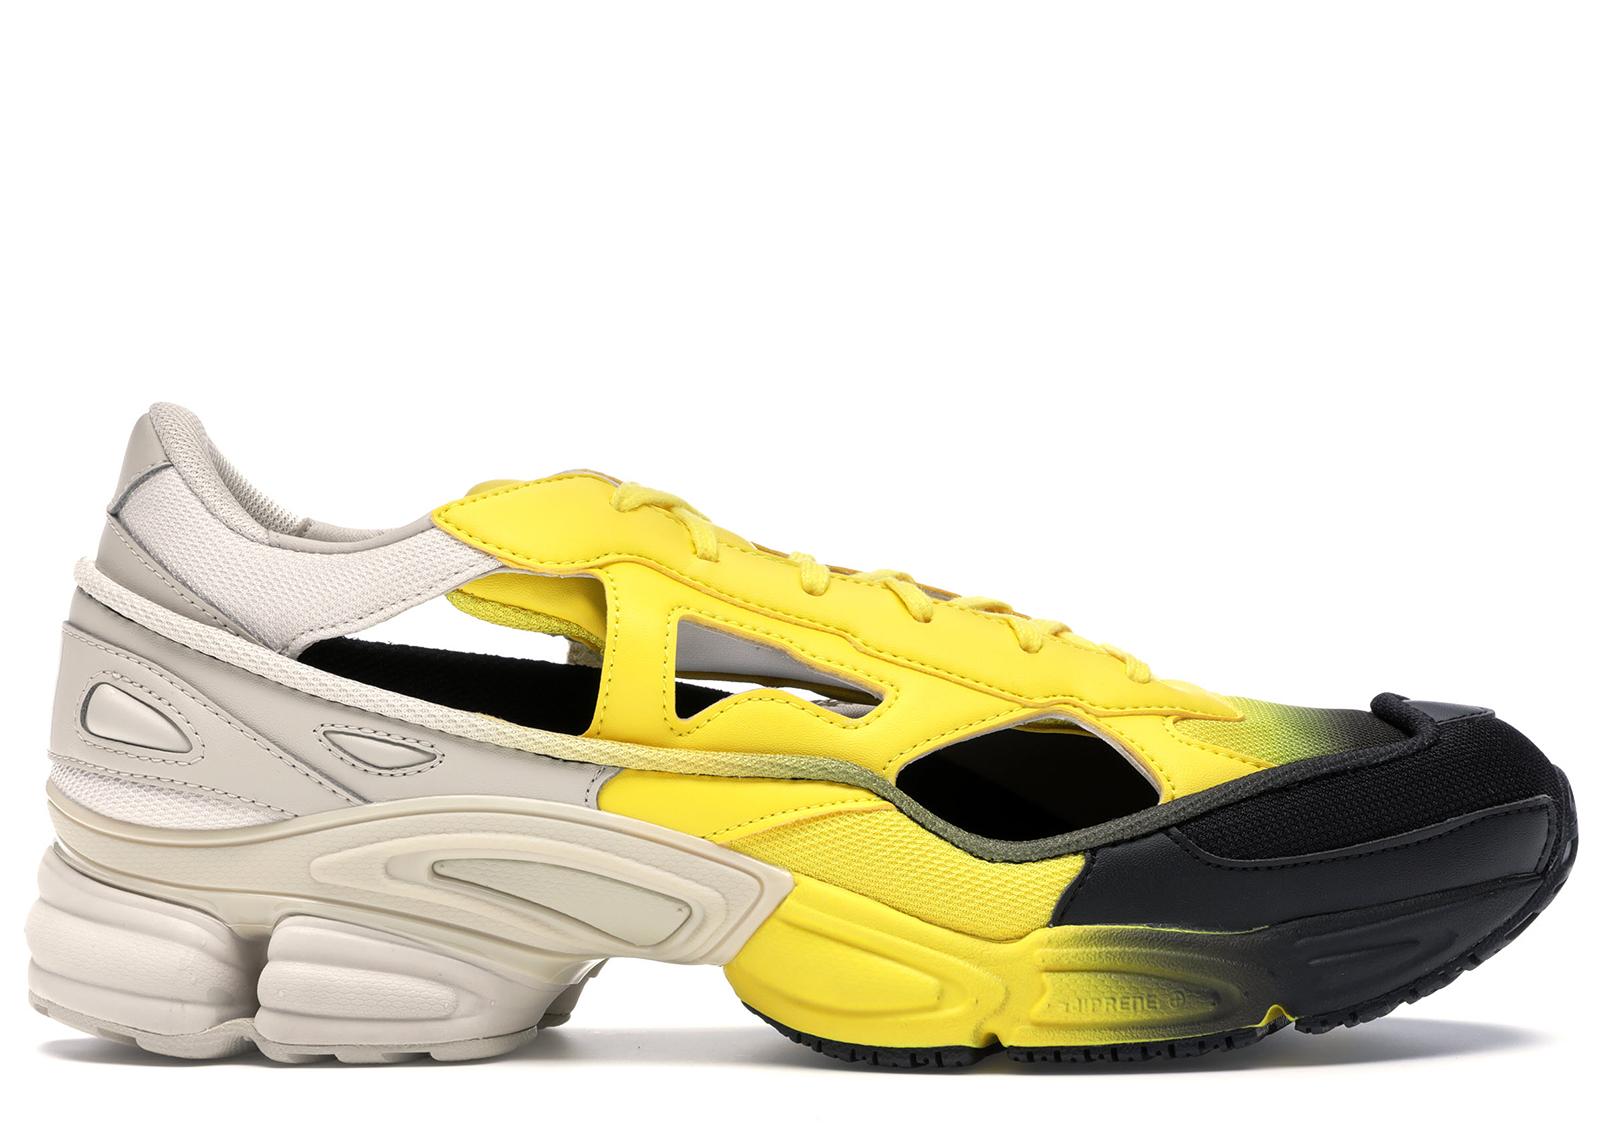 adidas Replicant Ozweego Raf Simons